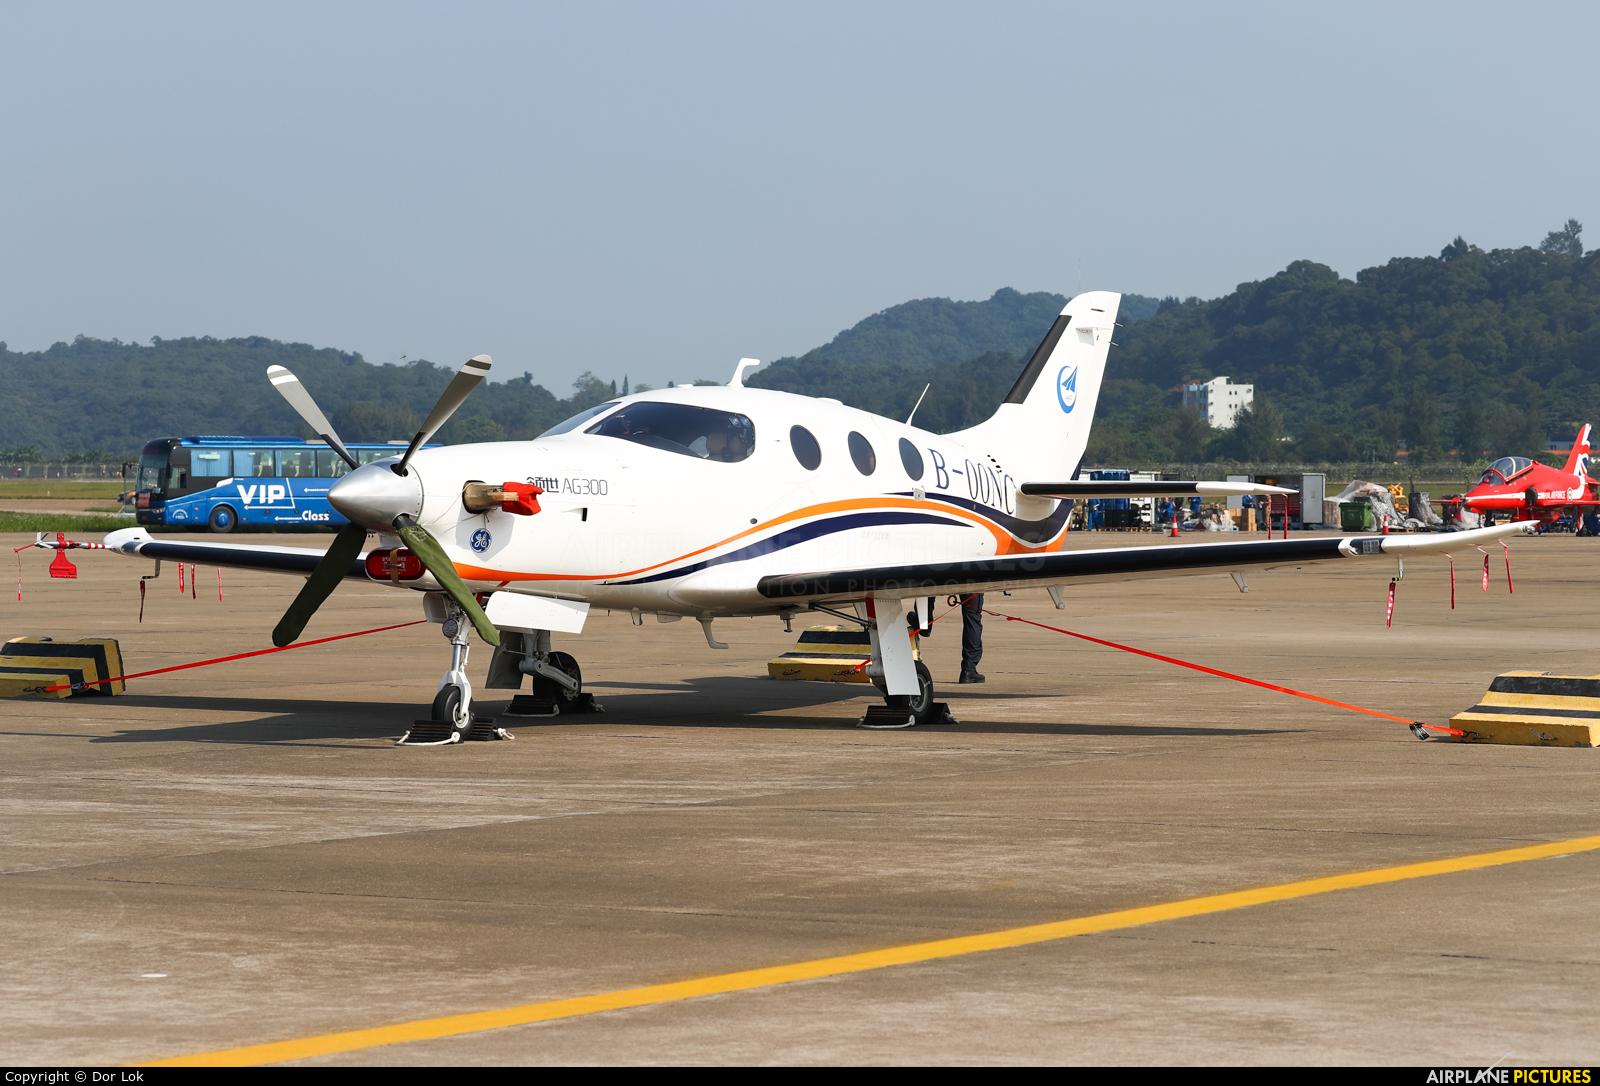 AVIC - China Aviation B-00NC aircraft at Zhūhǎi-Jīnwān